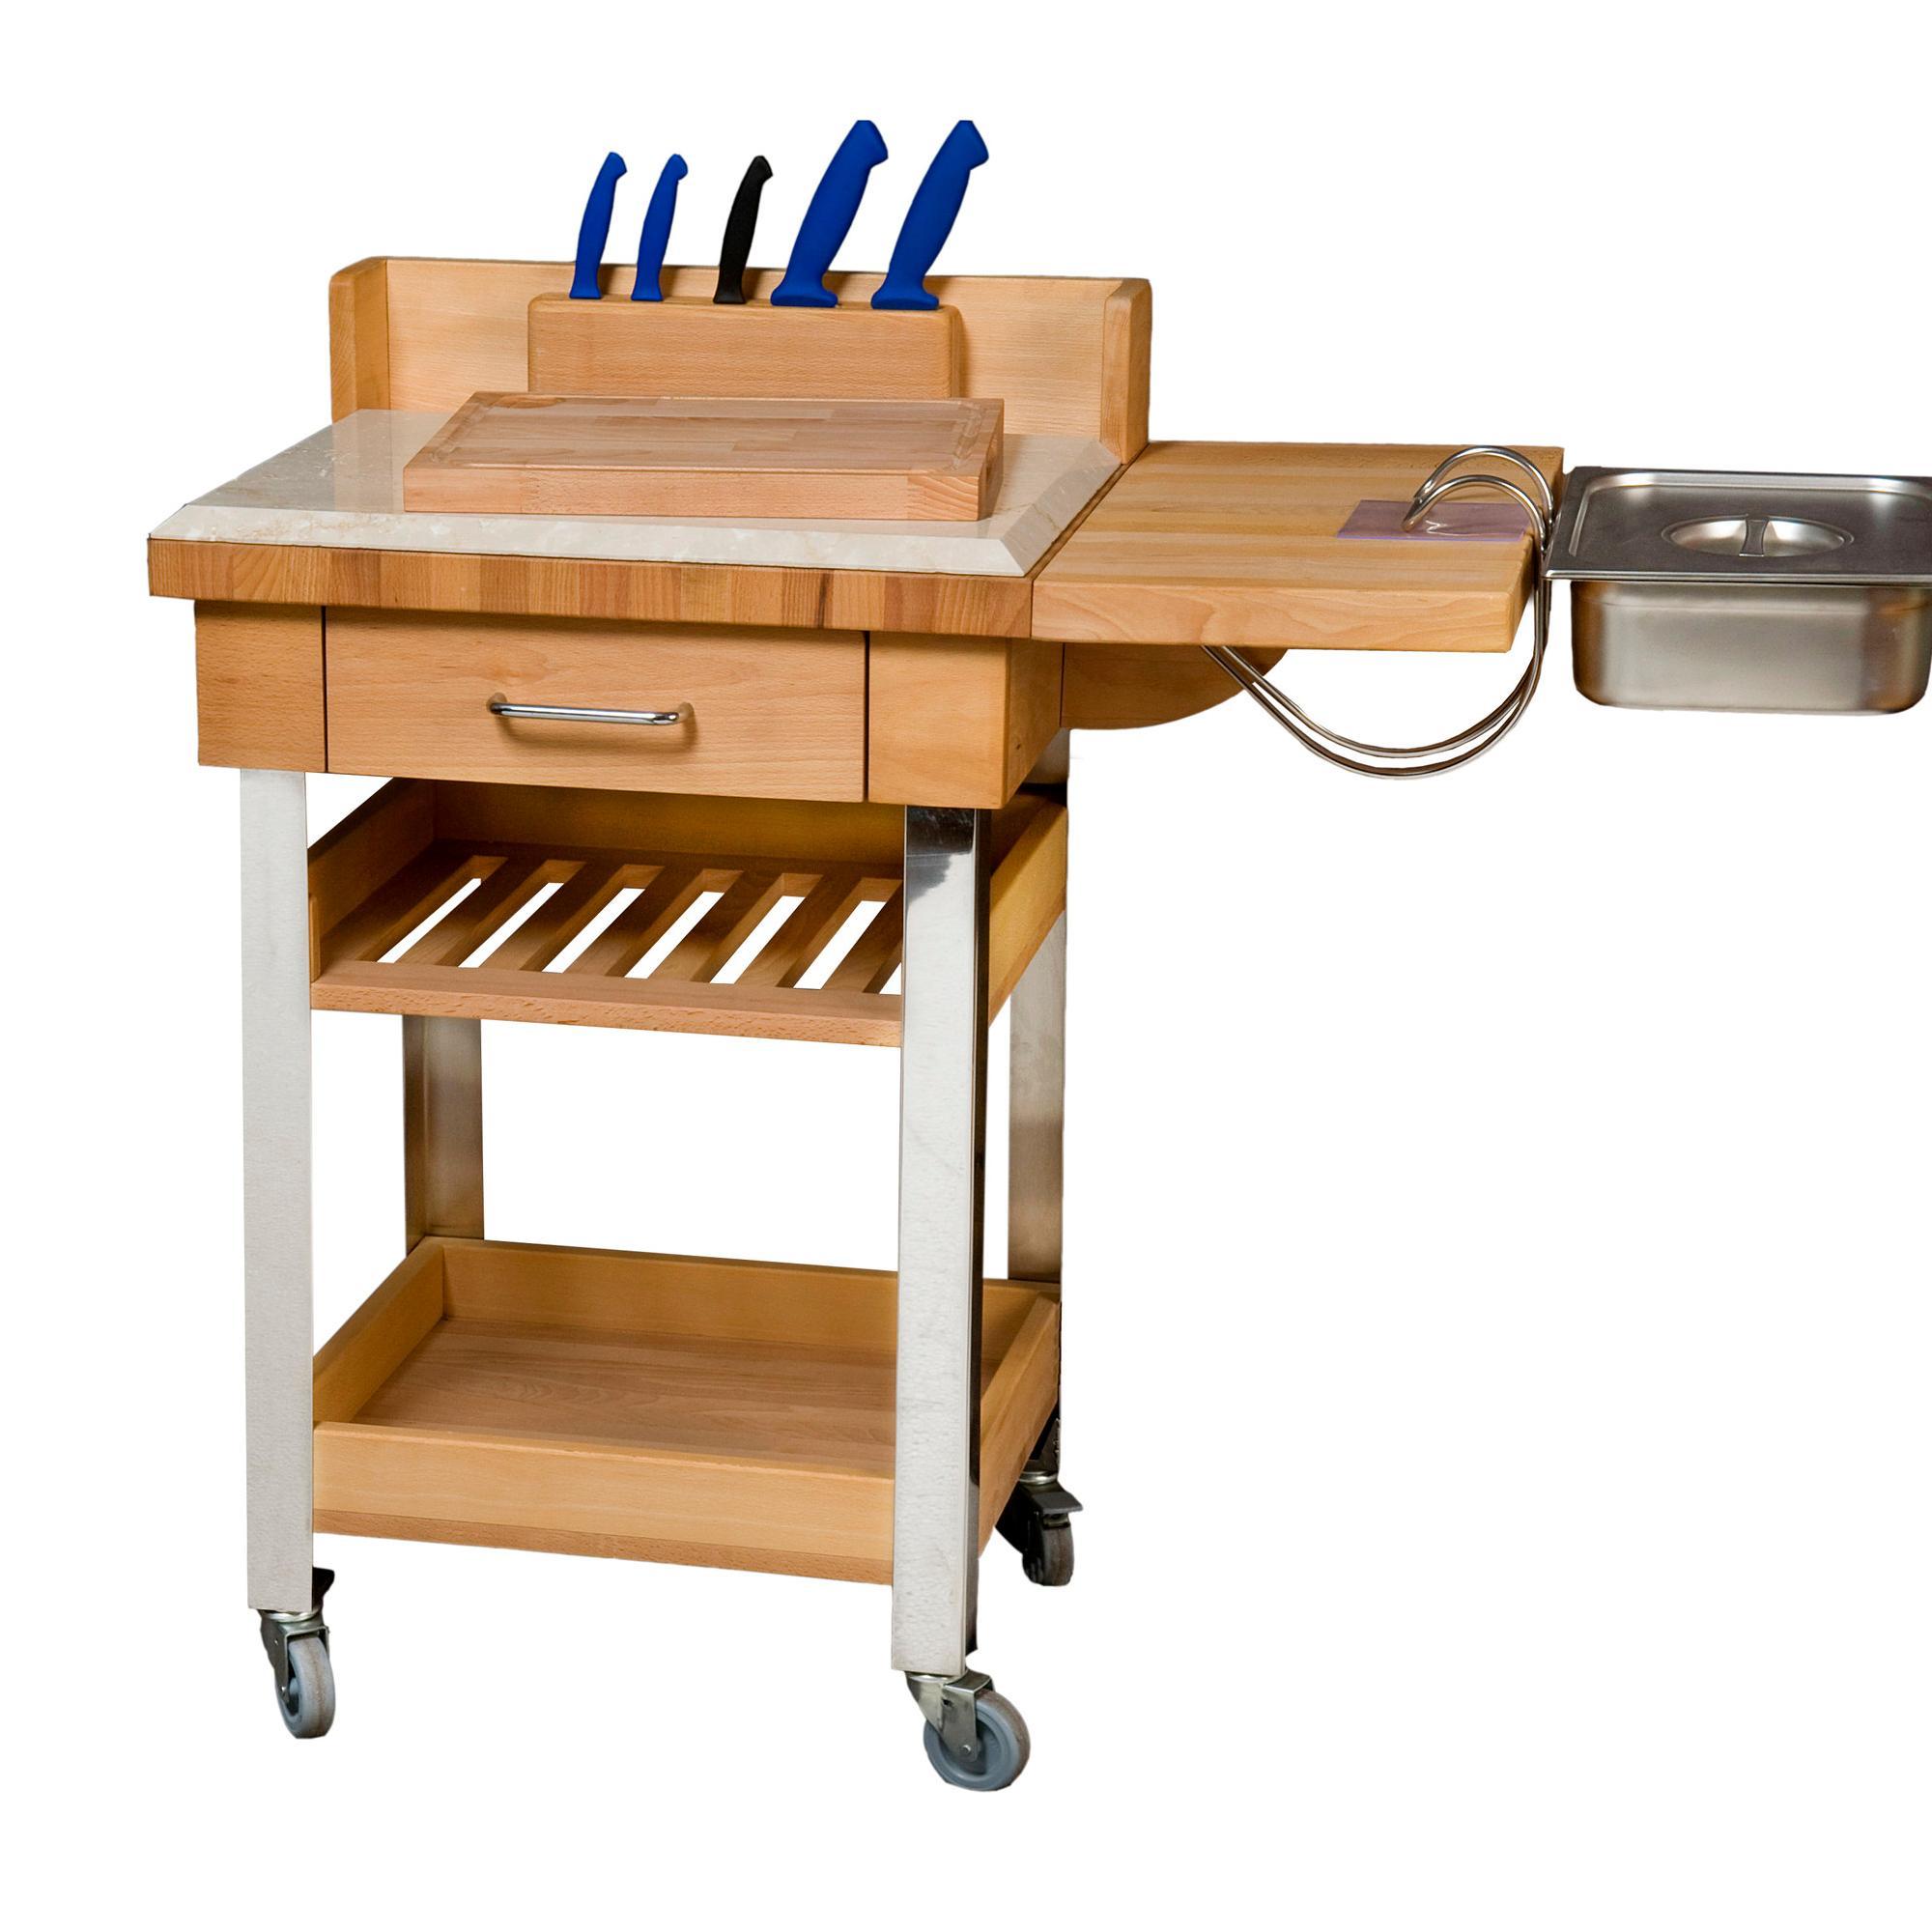 Souvent Carrello da cucina a servire 60x50xh88 cm in legno listellare di  ZE72